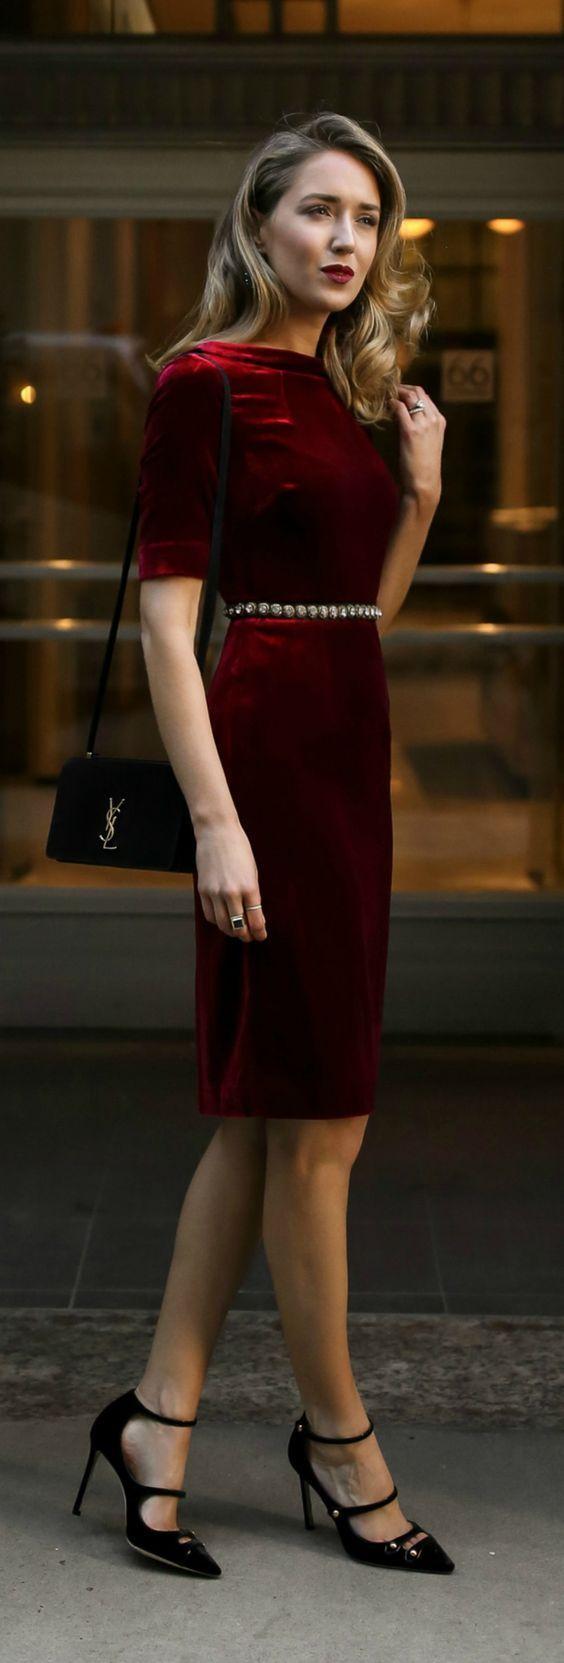 bordeaux velvet.design model dress shoes heels styles